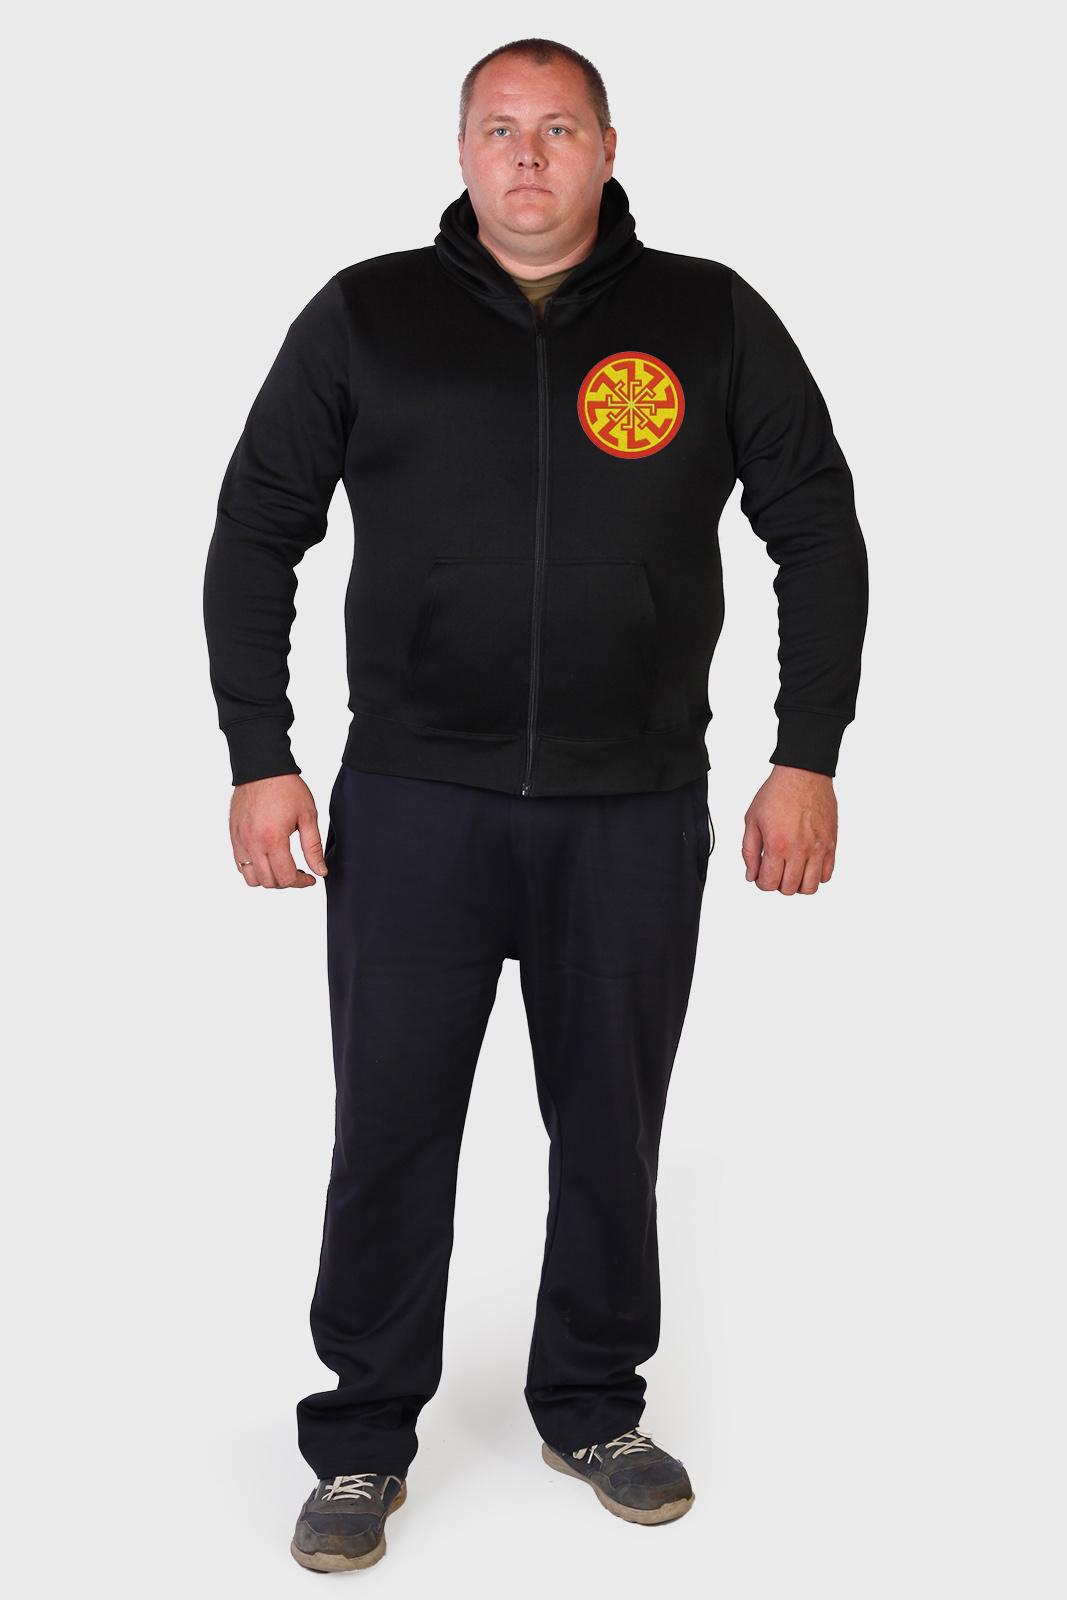 Купить на сайте Военпро мужскую толстовку с символом СВЕТОЧА